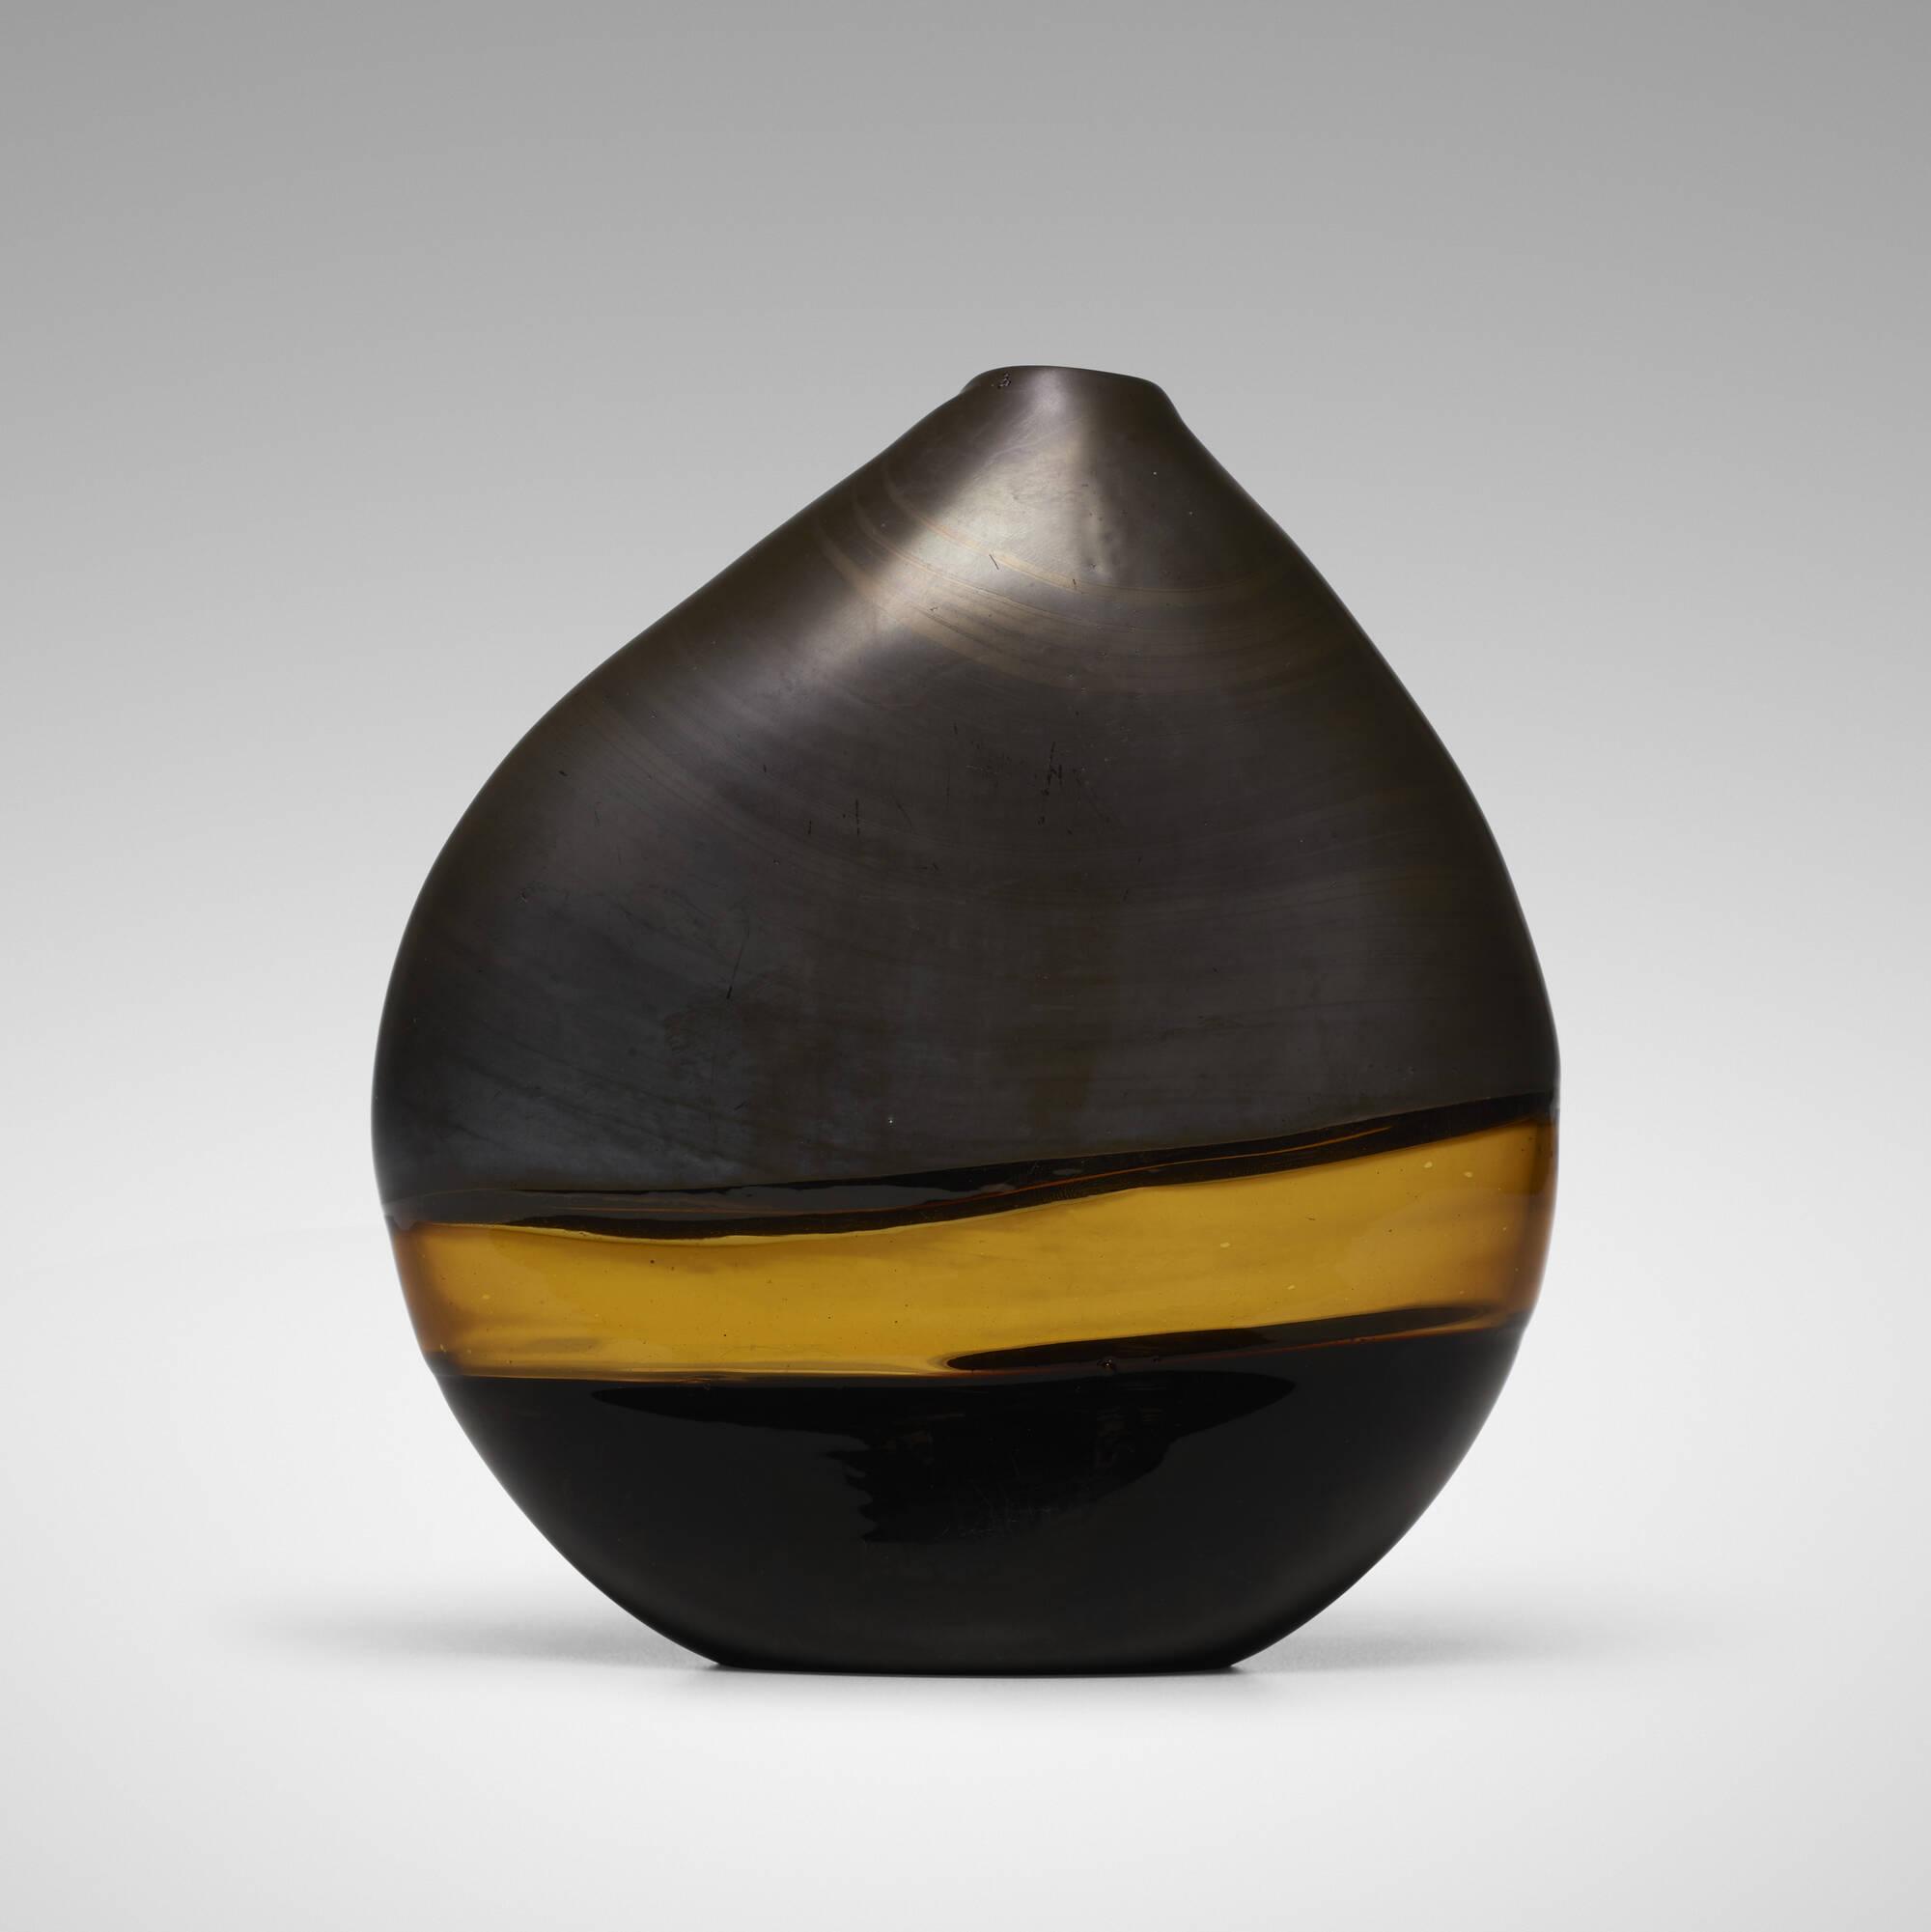 160: Thomas Stearns / rare Incalmo vase (1 of 4)